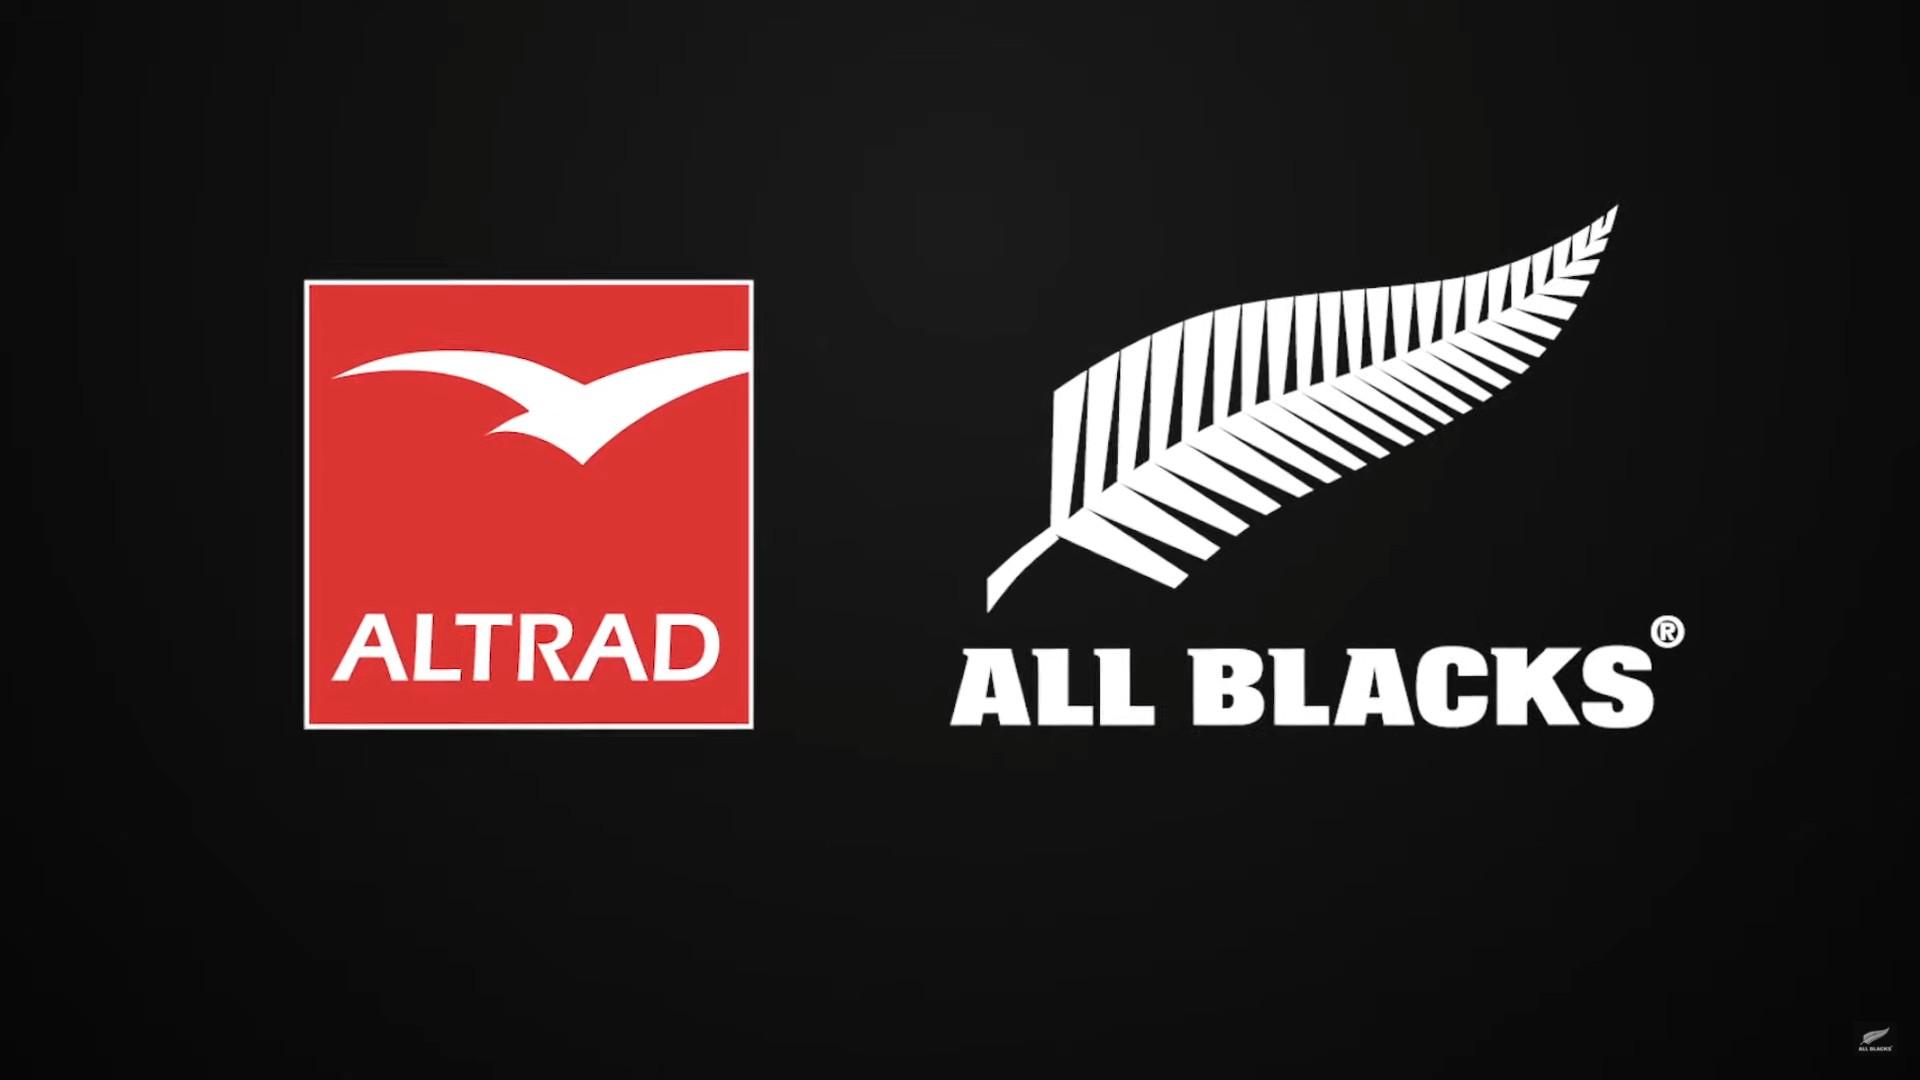 Altrad x All Blacks (rugby) 2021